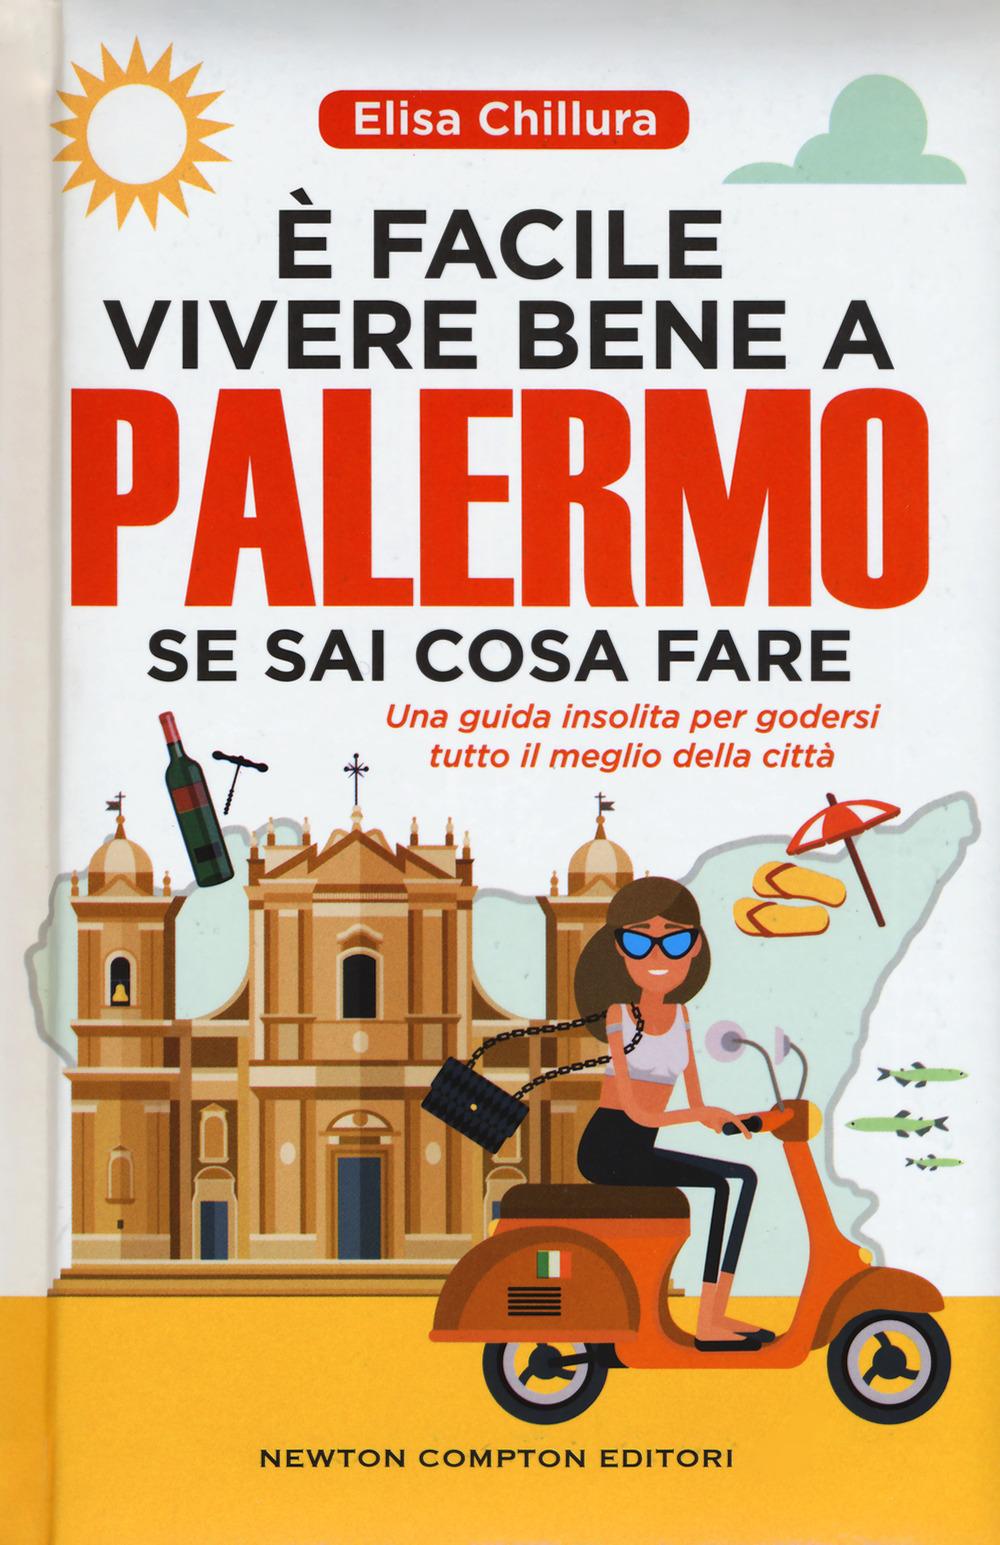 È facile vivere bene a Palermo se sai cosa fare. Una guida insolita per godersi tutto il meglio della città